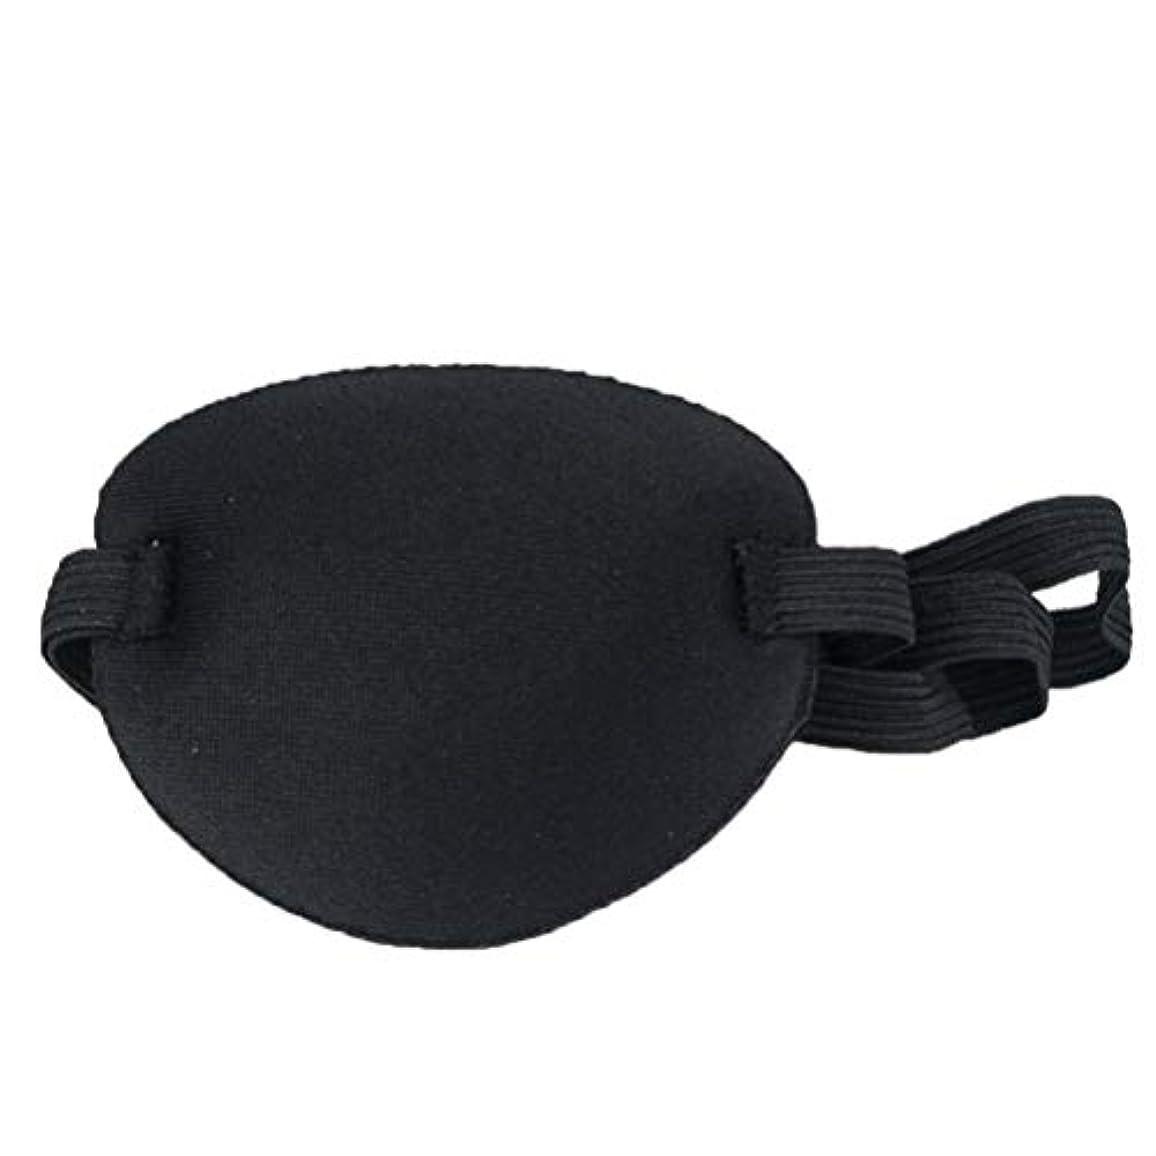 アルプス取る忘れられないFrcolor 子供 弱視 斜視 視力矯 治療用怠惰な目 弱視ゴーグル